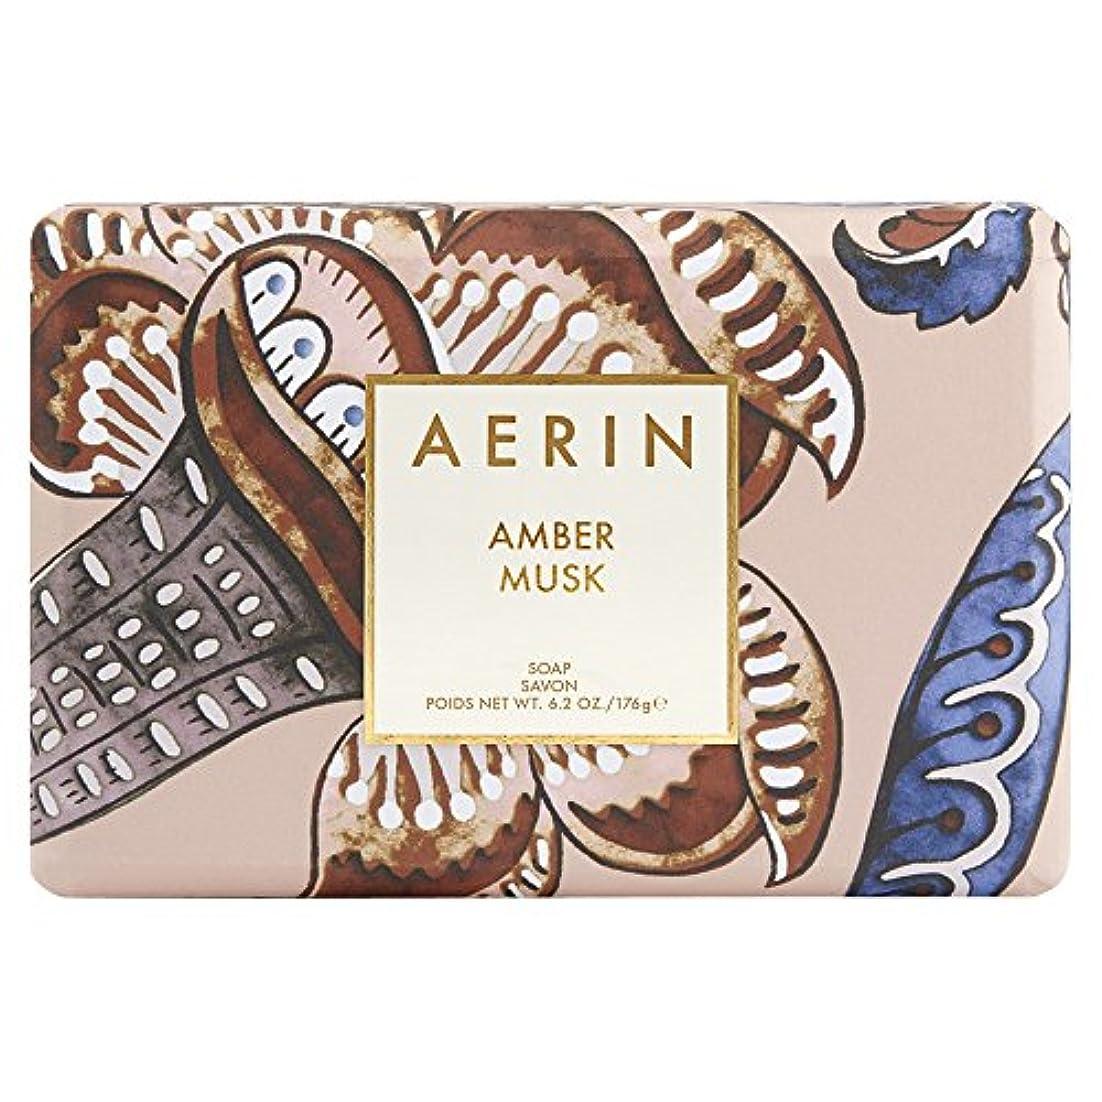 シェトランド諸島匹敵しますボクシングAerinアンバームスクソープ176グラム (AERIN) (x6) - AERIN Amber Musk Soap 176g (Pack of 6) [並行輸入品]